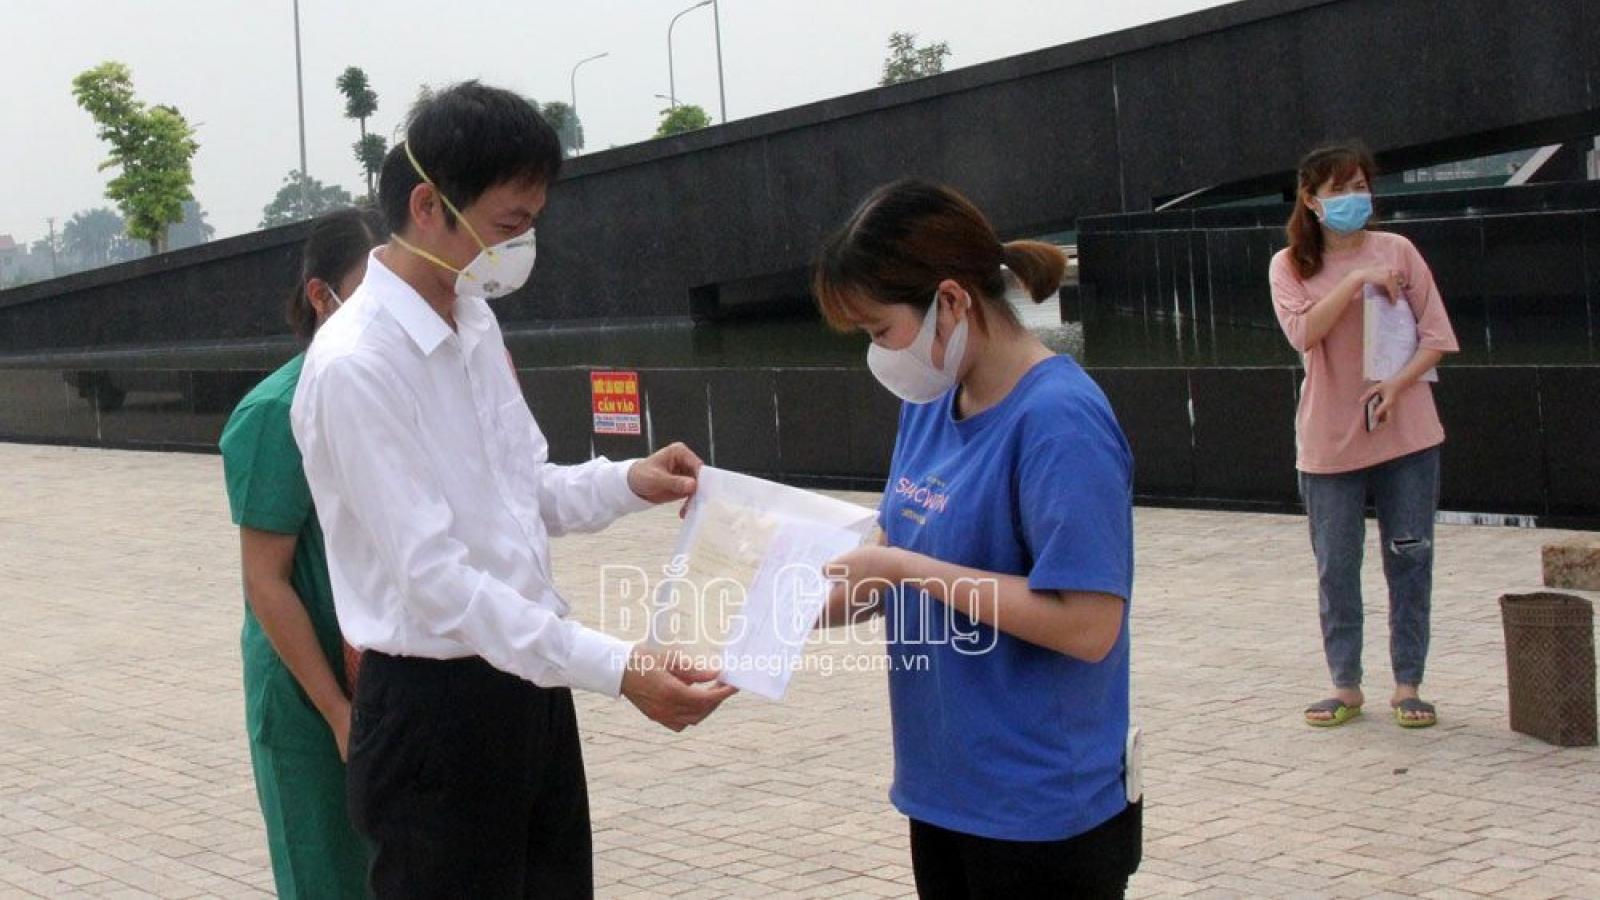 Bắc Giang có thêm 250 bệnh nhân Covid-19 được ra viện